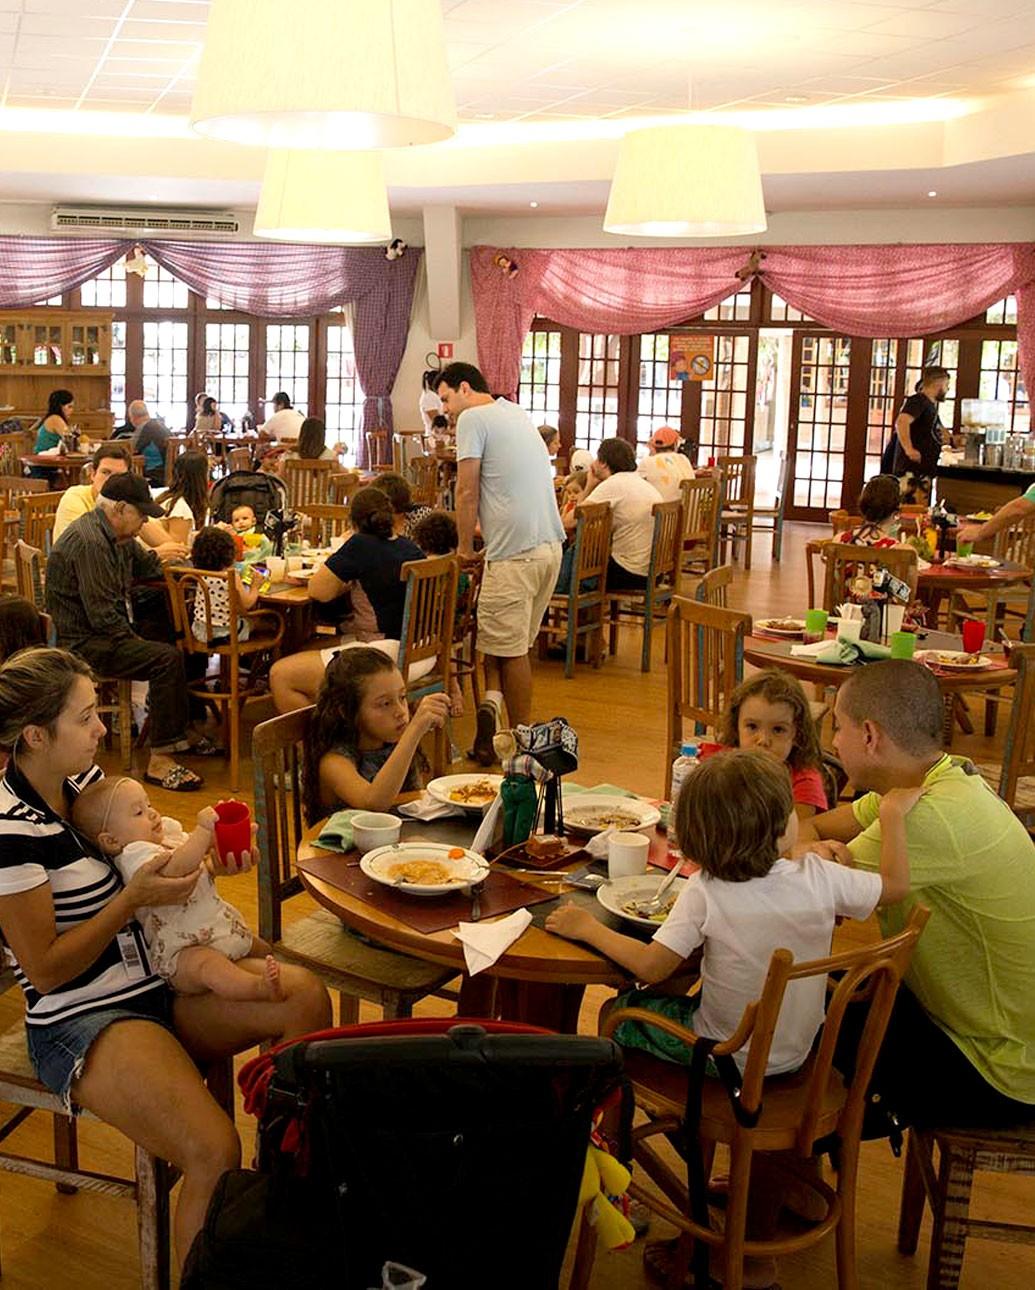 restaurante hotel fazenda mazzaropi 1 - Culinária